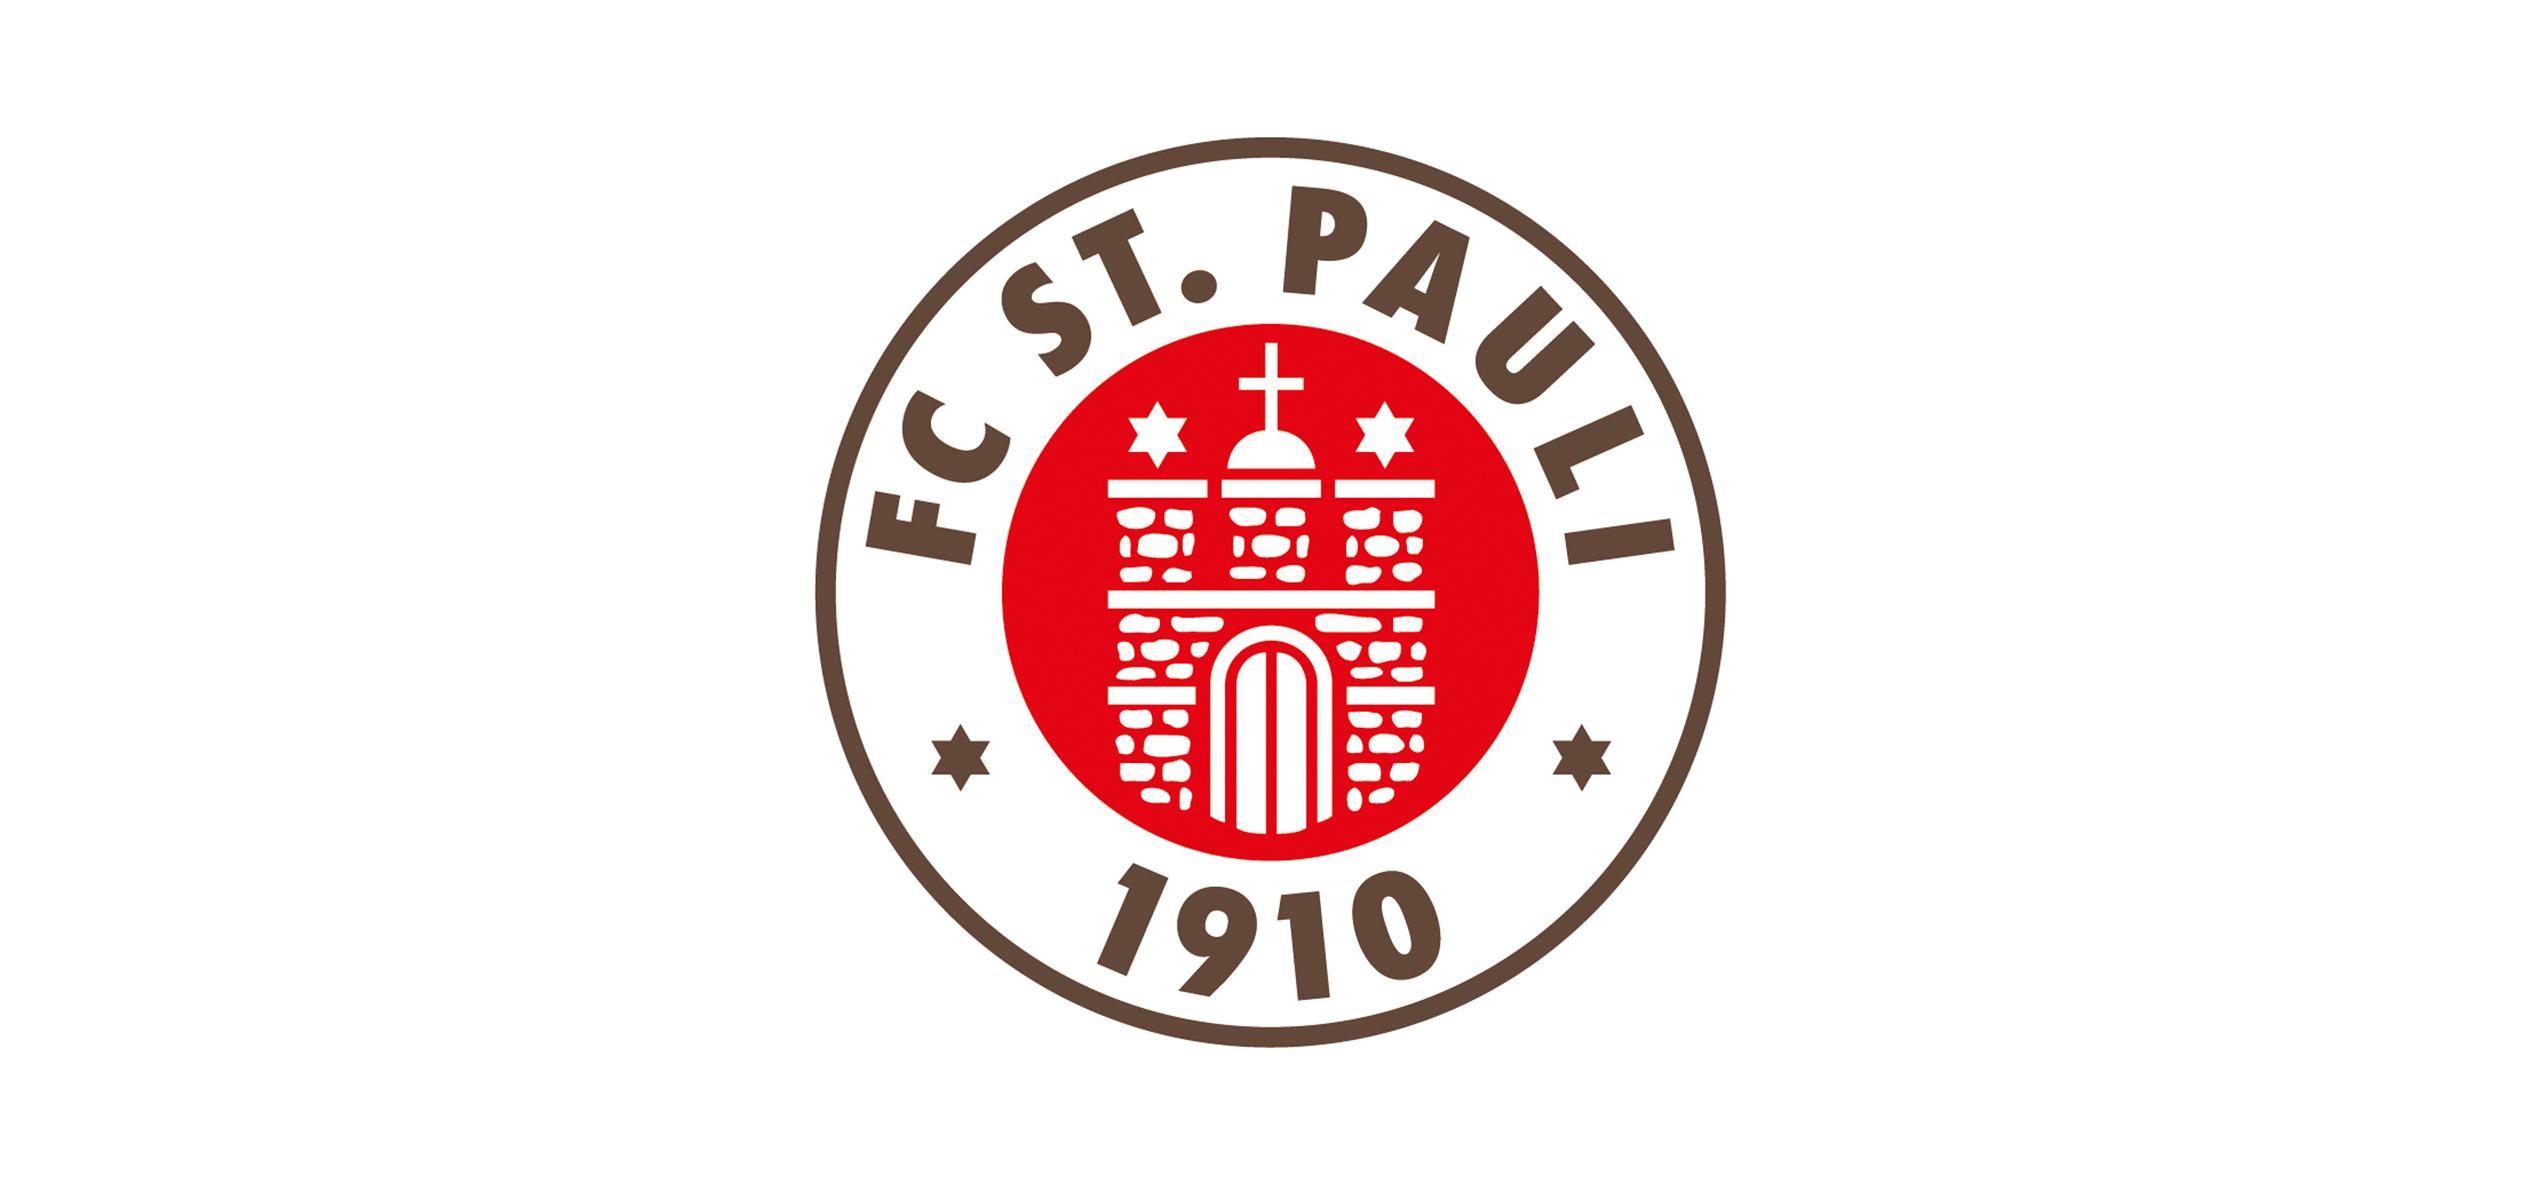 Beim Heimspiel gegen Kiel: Keine Gästefarben in Heimbereichen